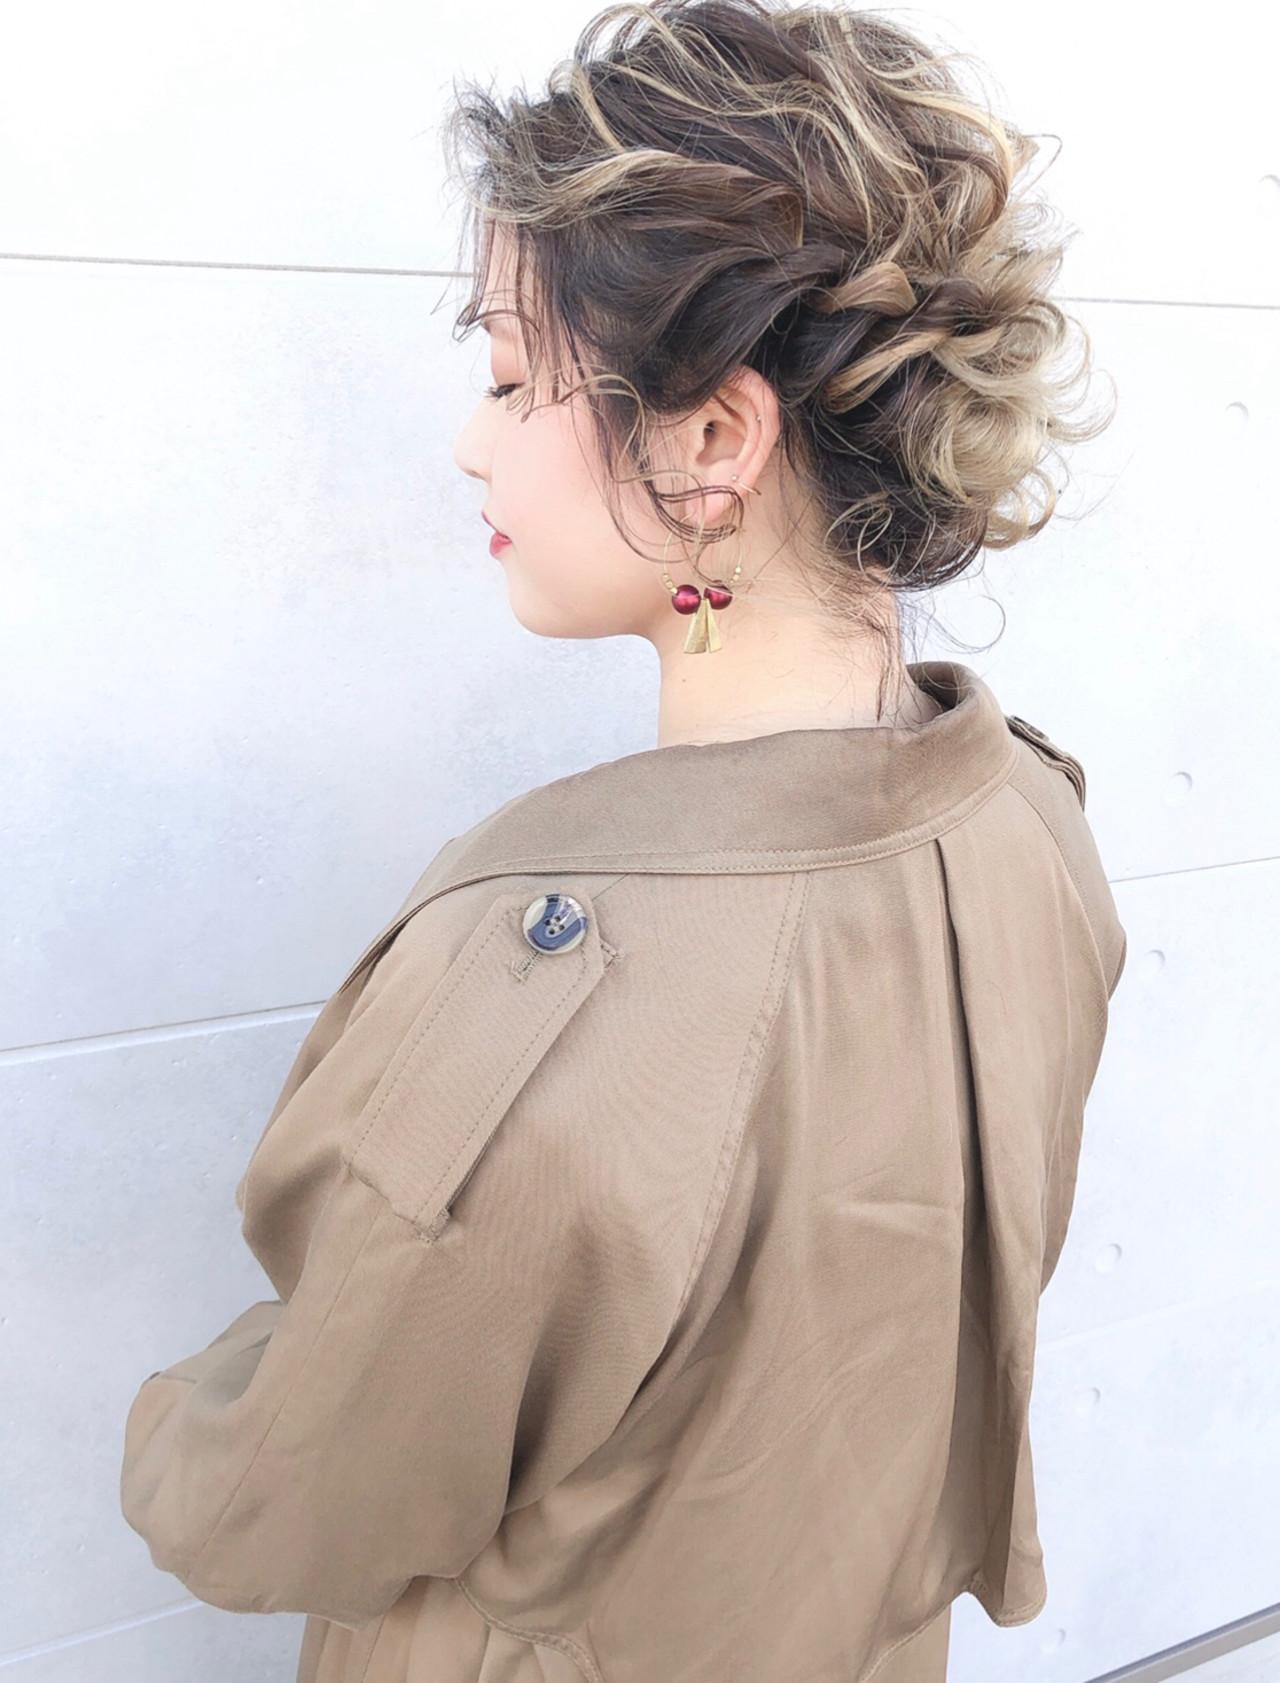 ガーリー 結婚式 ヘアセット ヘアアレンジ ヘアスタイルや髪型の写真・画像